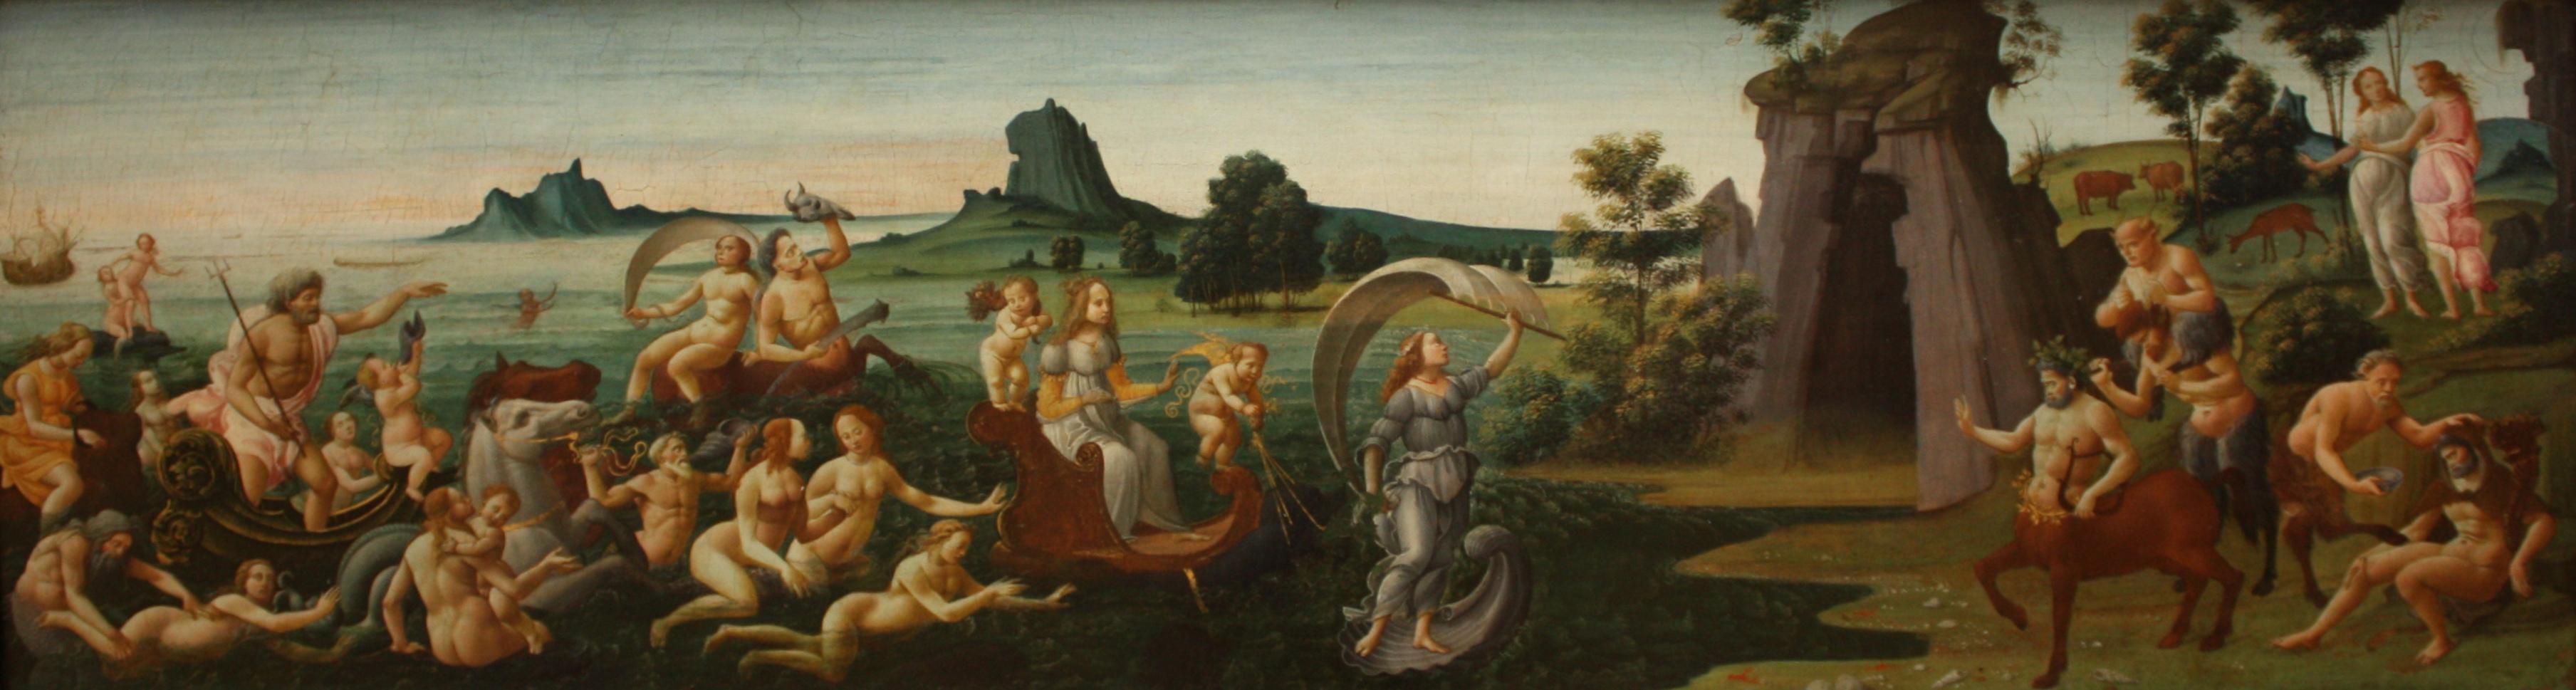 File:Bartolomeo di Giovanni - The Procession of Thetis